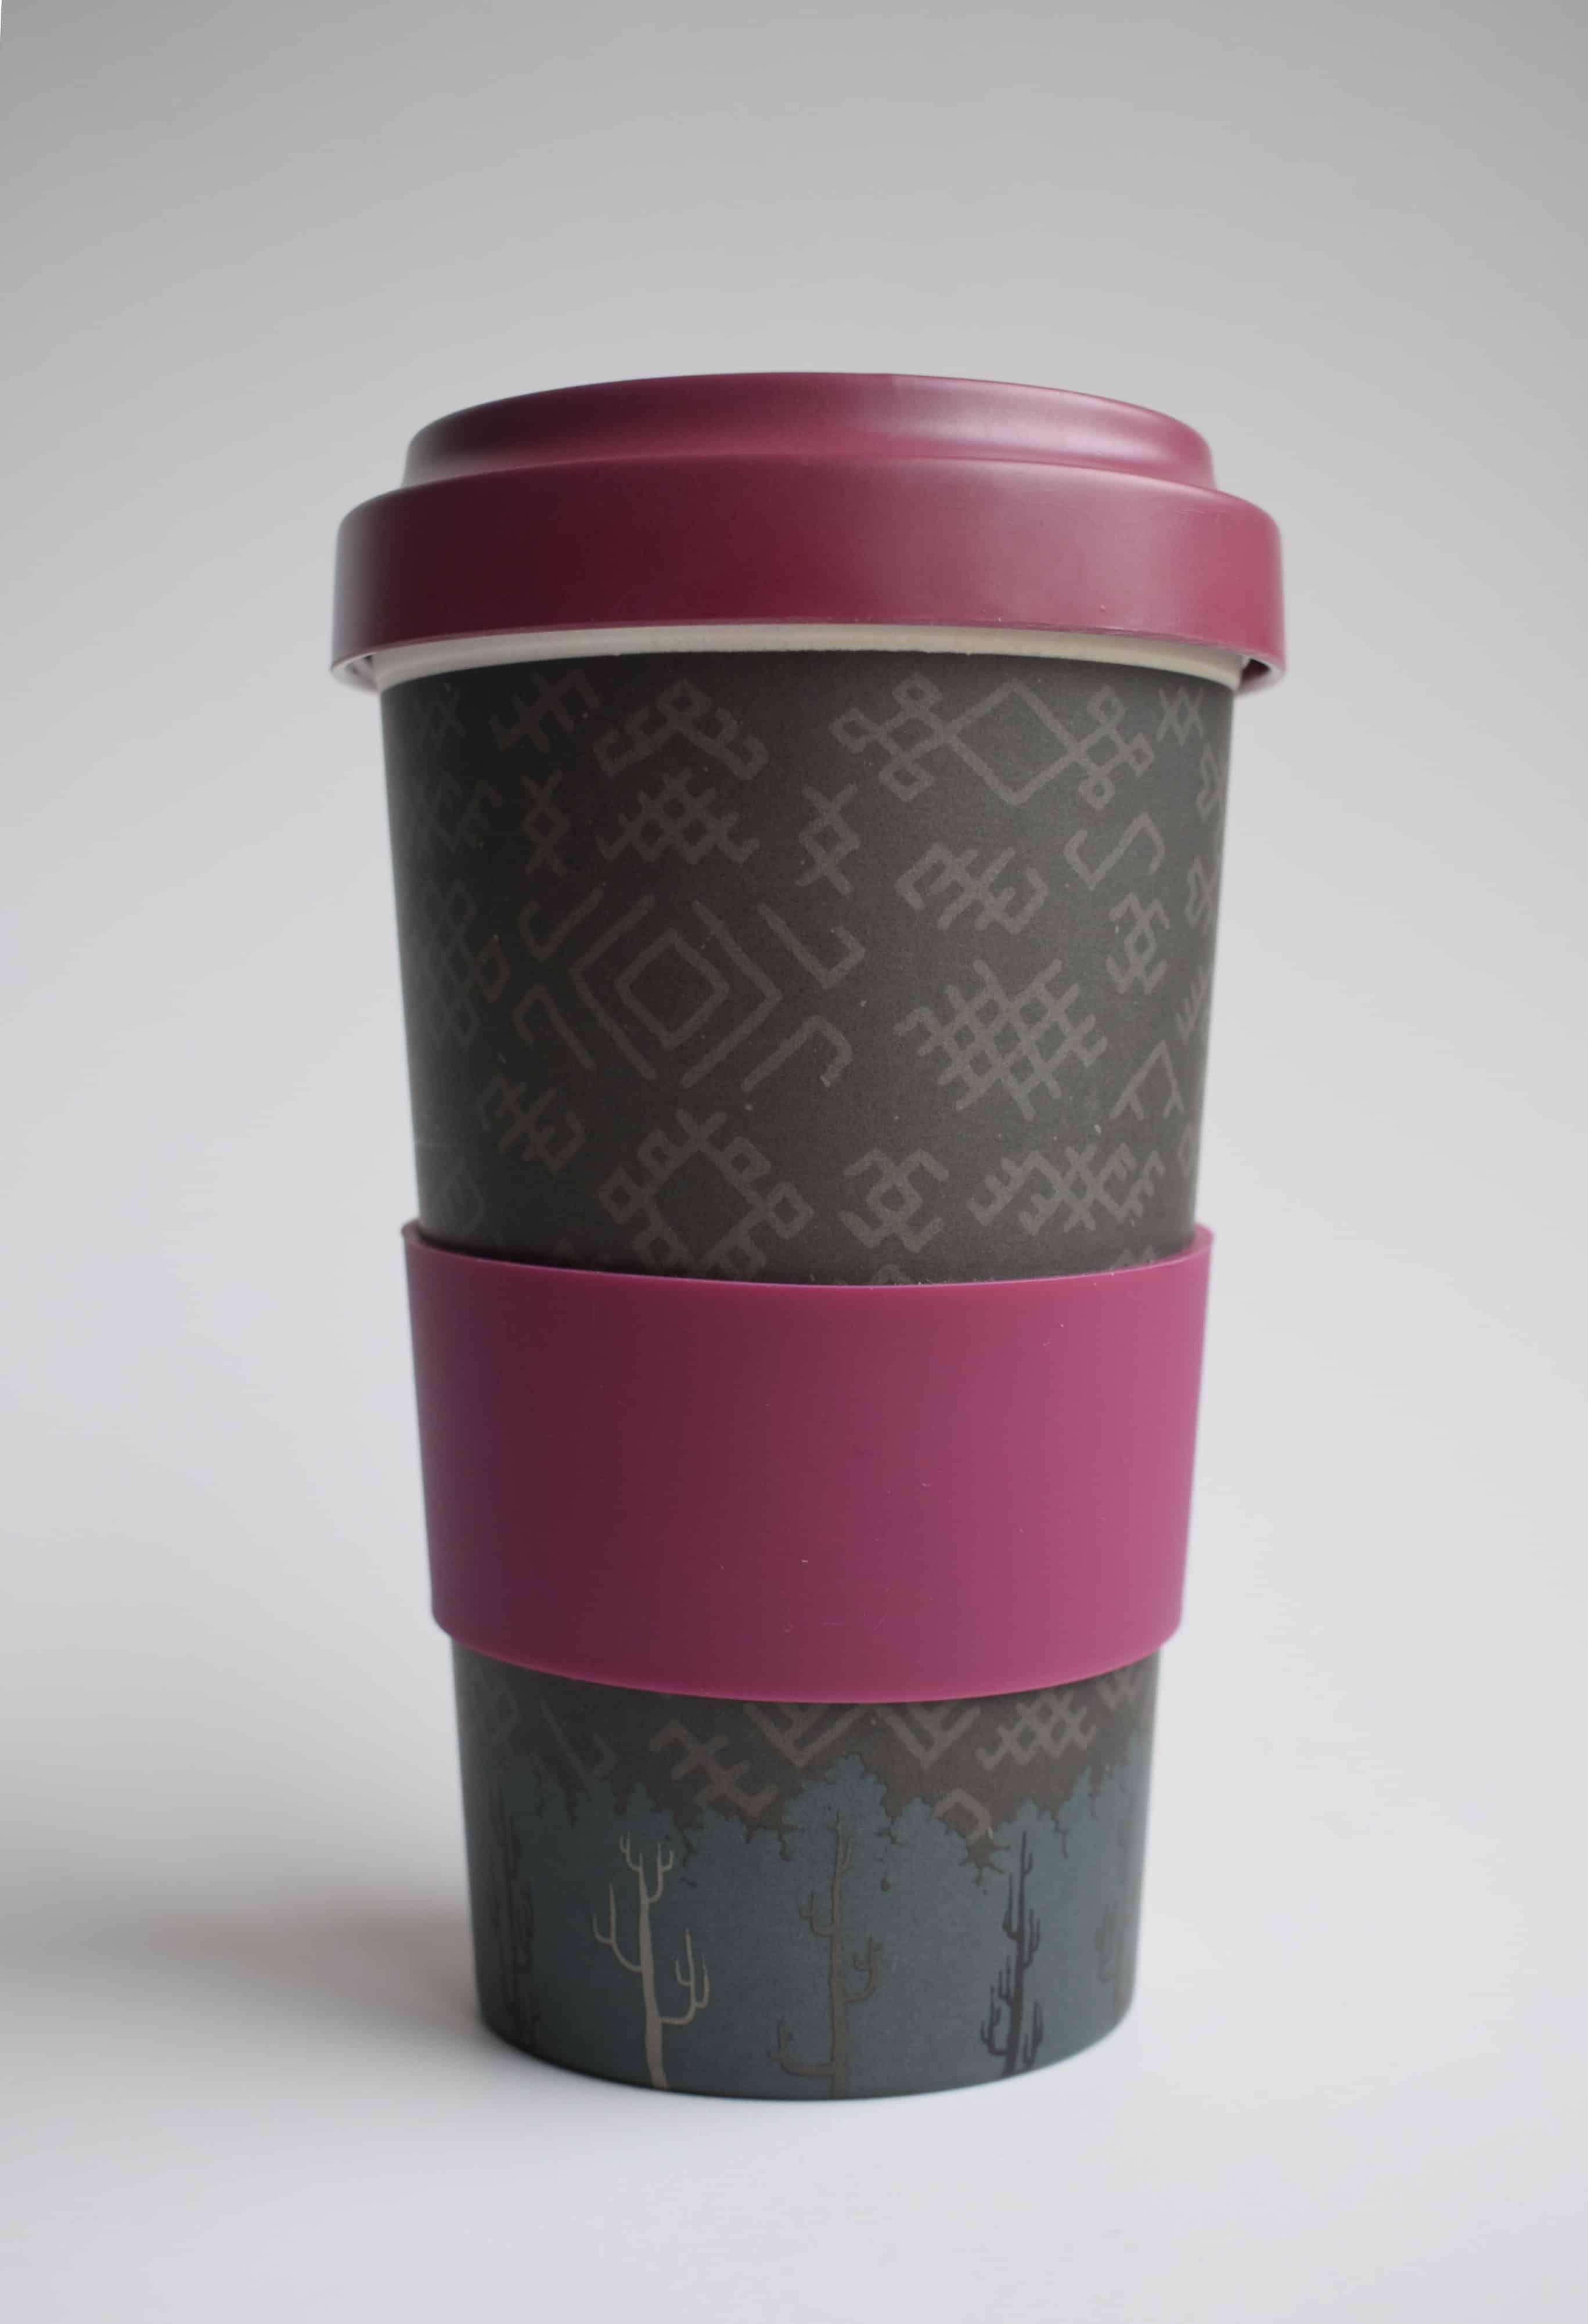 Bambuko puodelis išsinešti su tautiniais motyvais (alyvų spalvos)